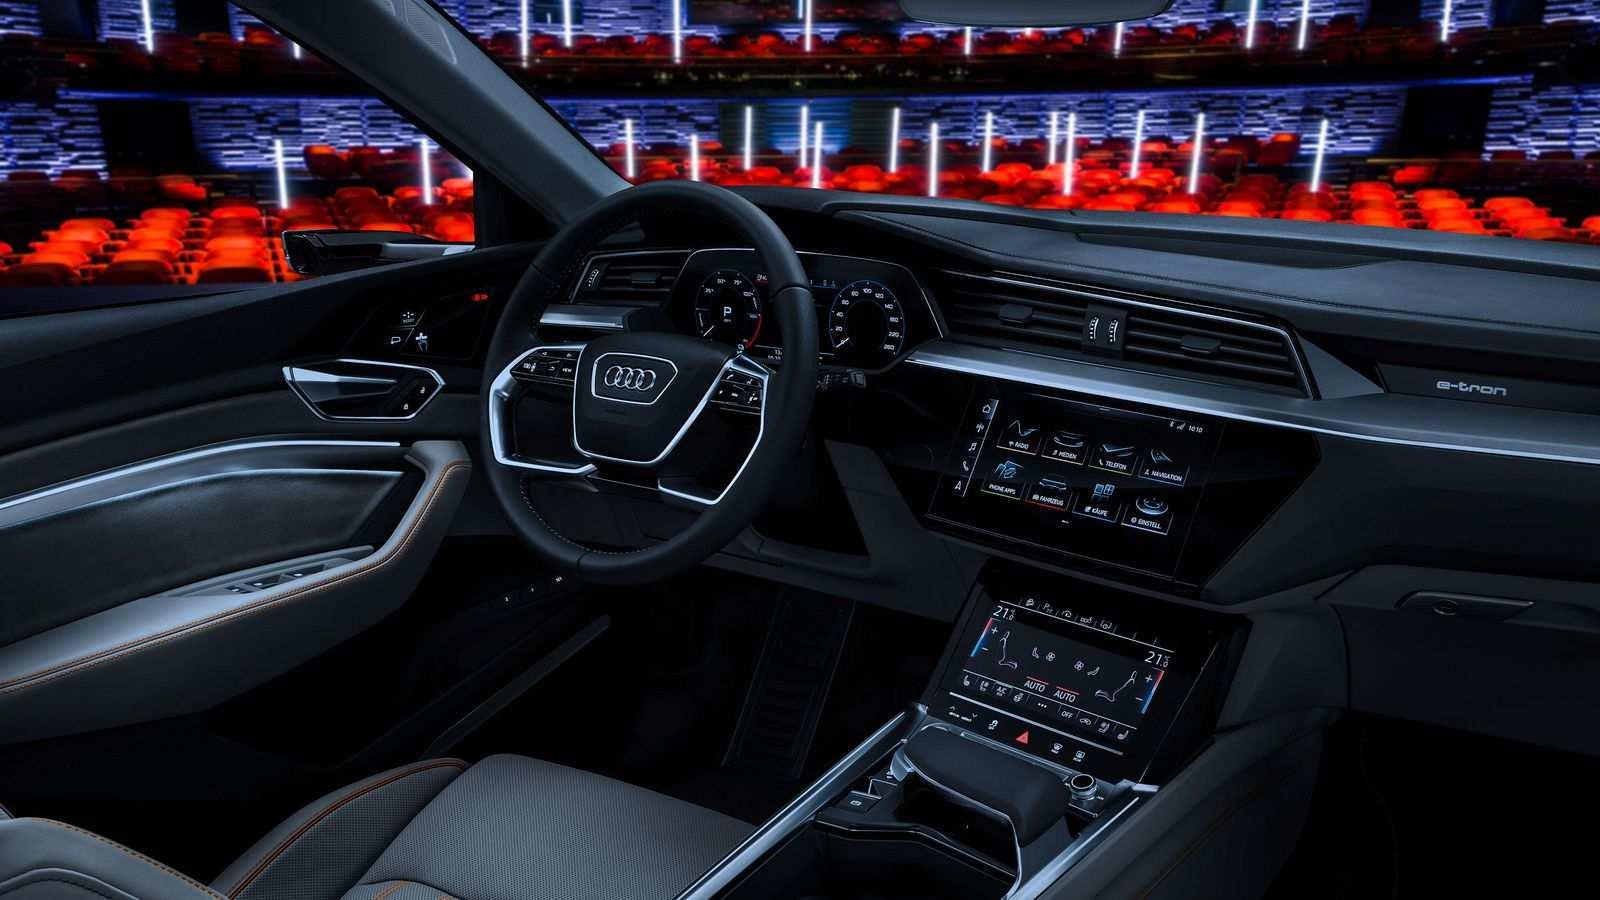 56 New Audi E Tron 2020 Release Date for Audi E Tron 2020